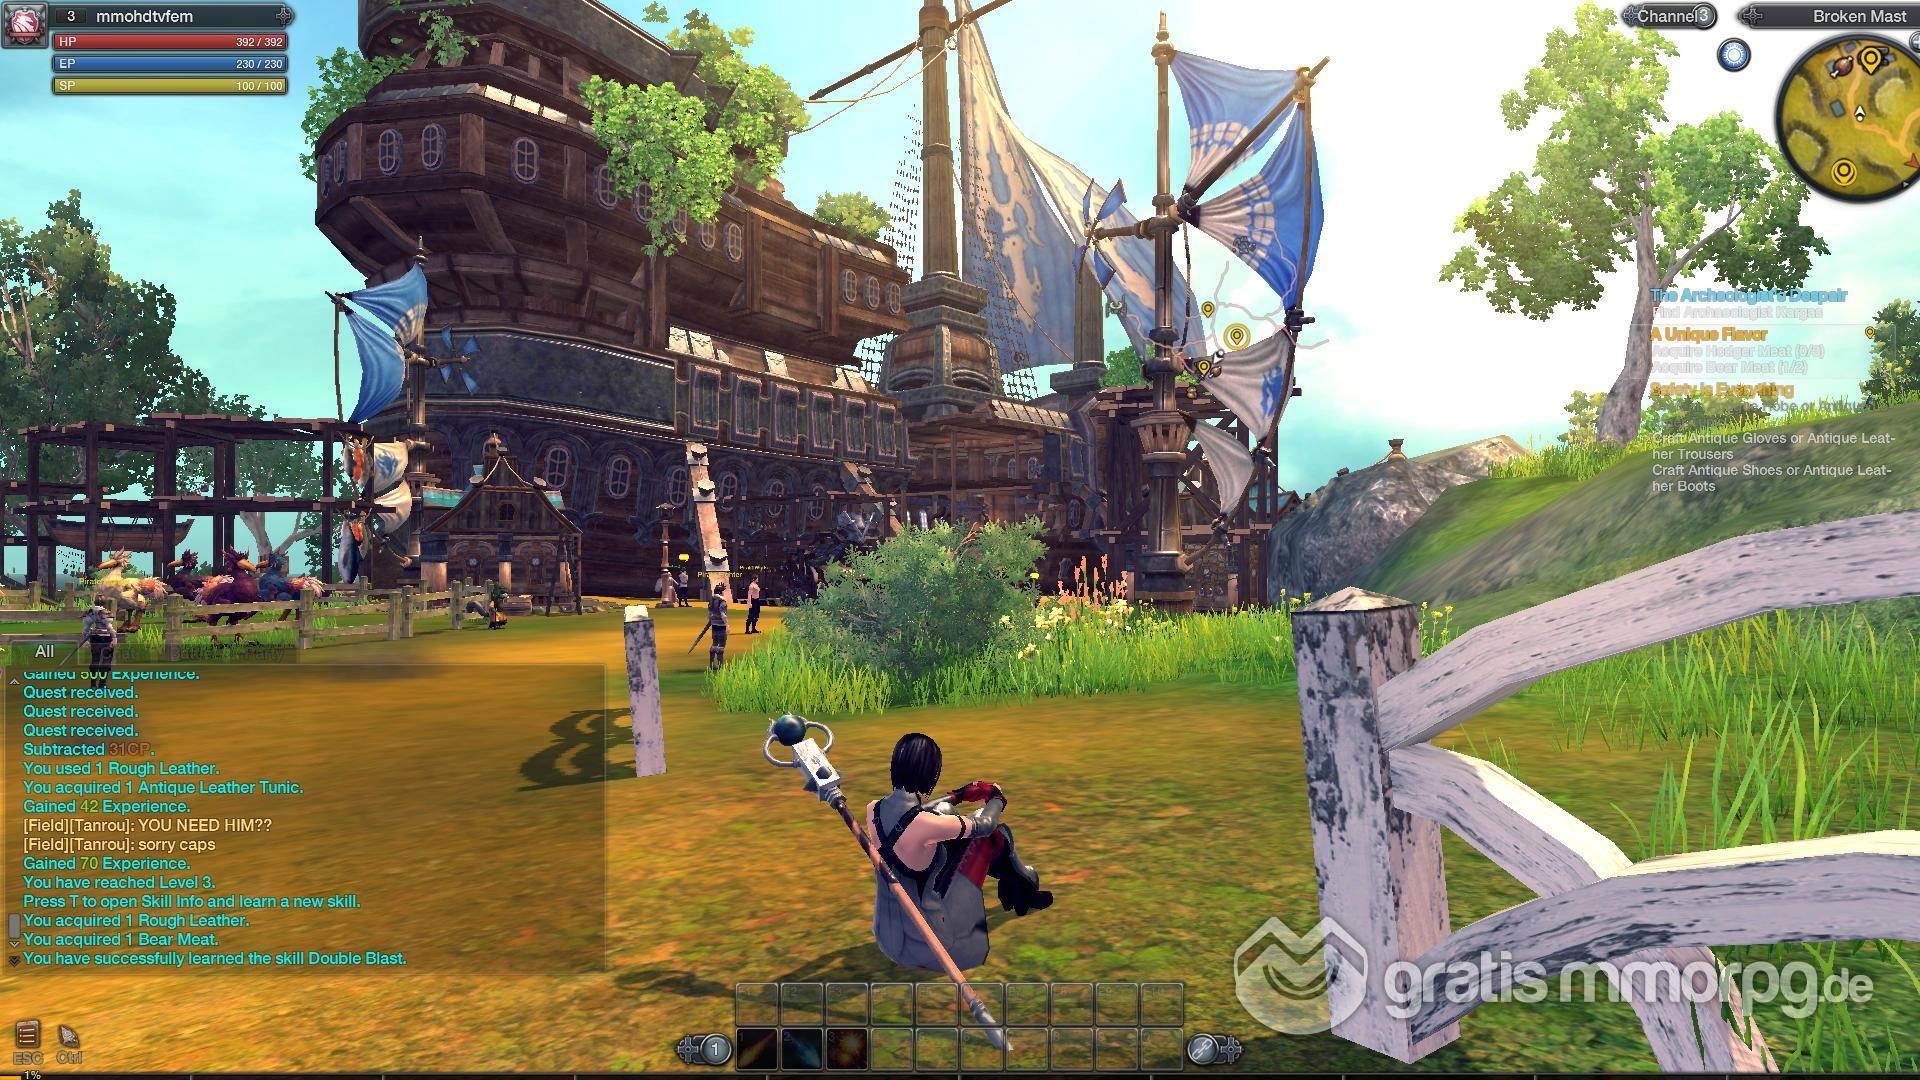 Klicke auf die Grafik für eine größere AnsichtName:RaiderZ exclusive screenshots (10).jpgHits:40Größe:630,1 KBID:7891